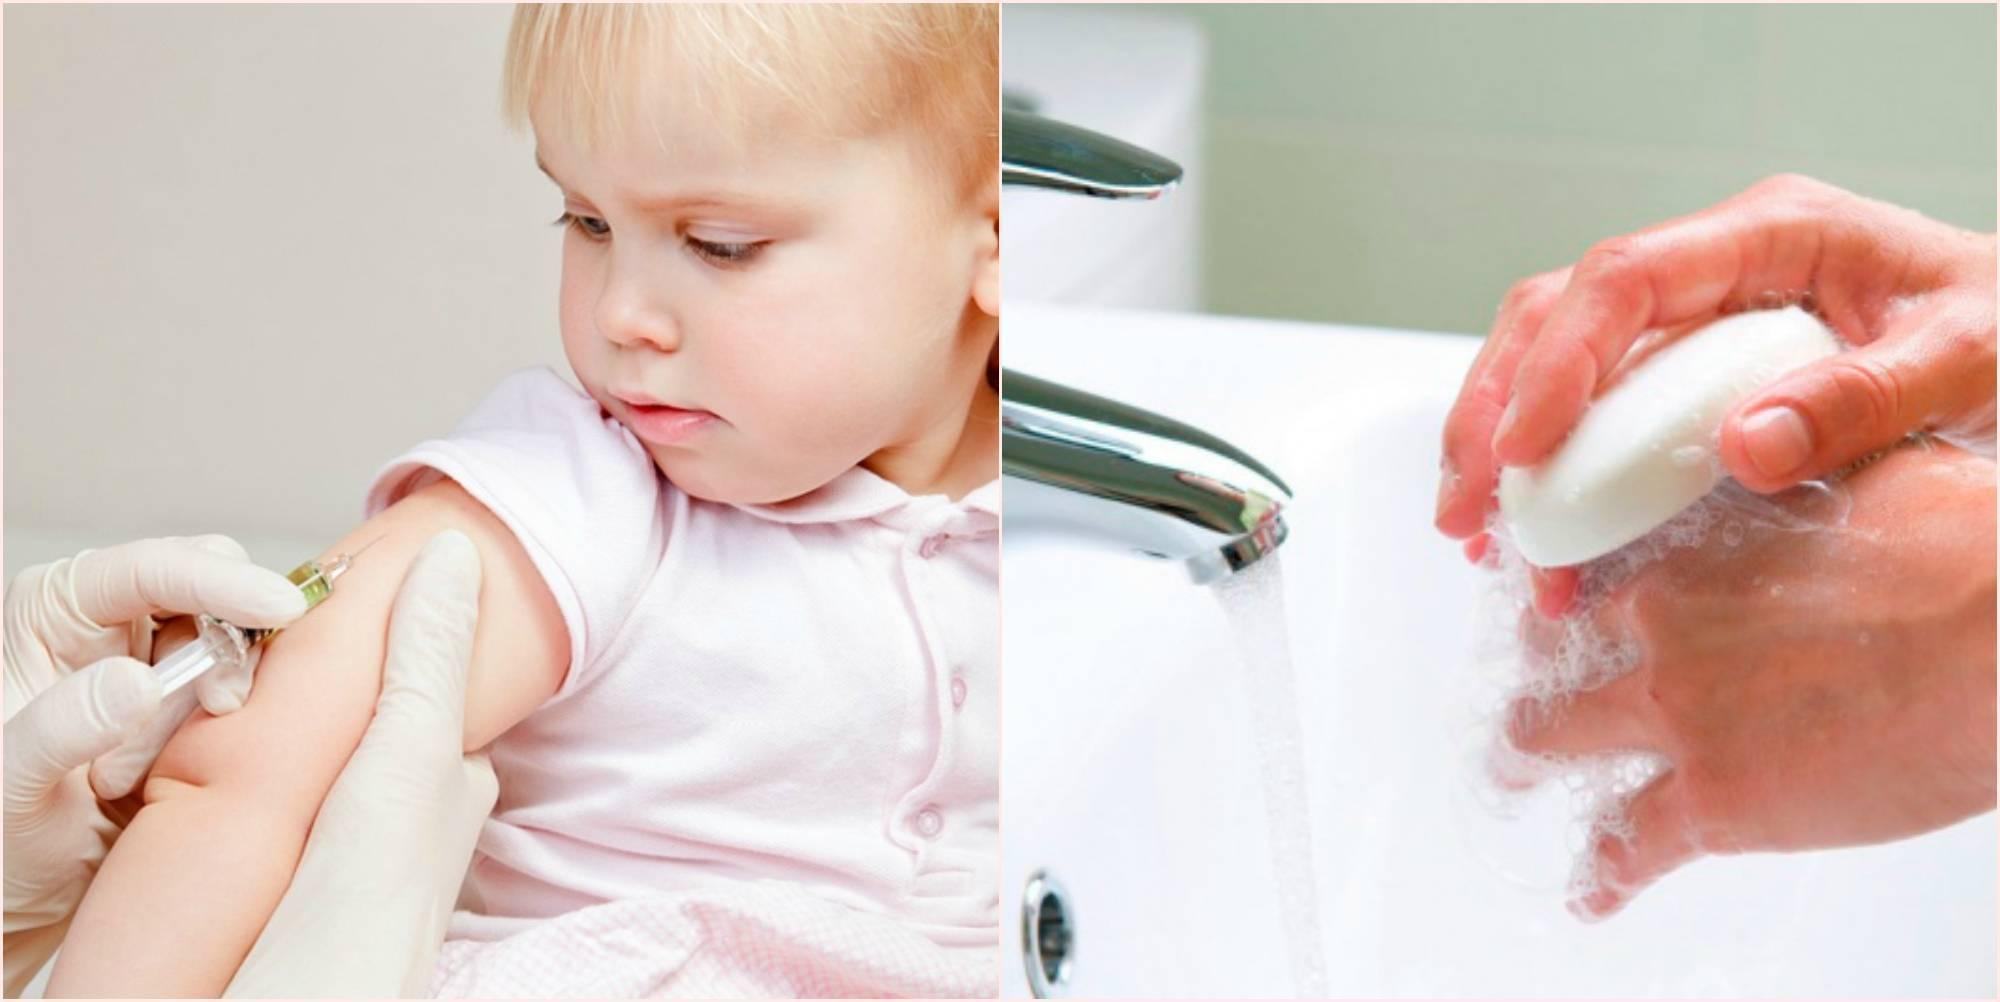 Менингококковая инфекция у детей: фото сыпи, симптомы, признаки и лечение